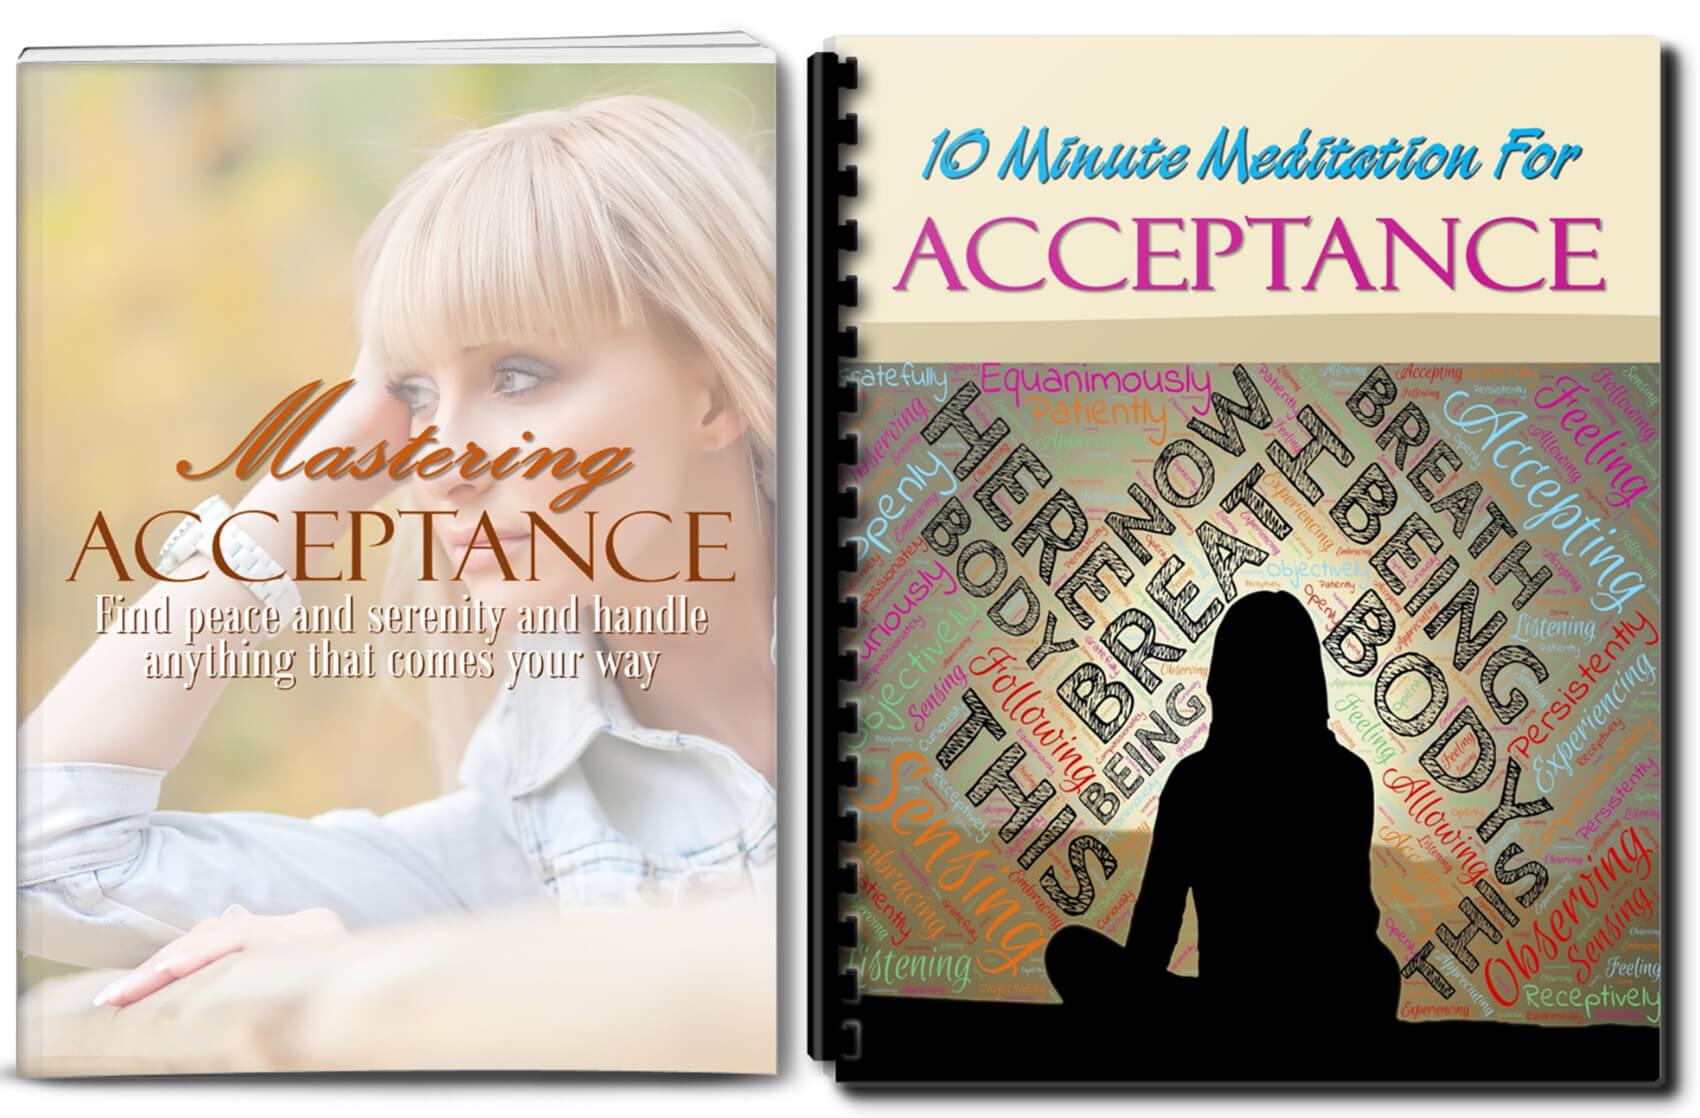 acceptance plr